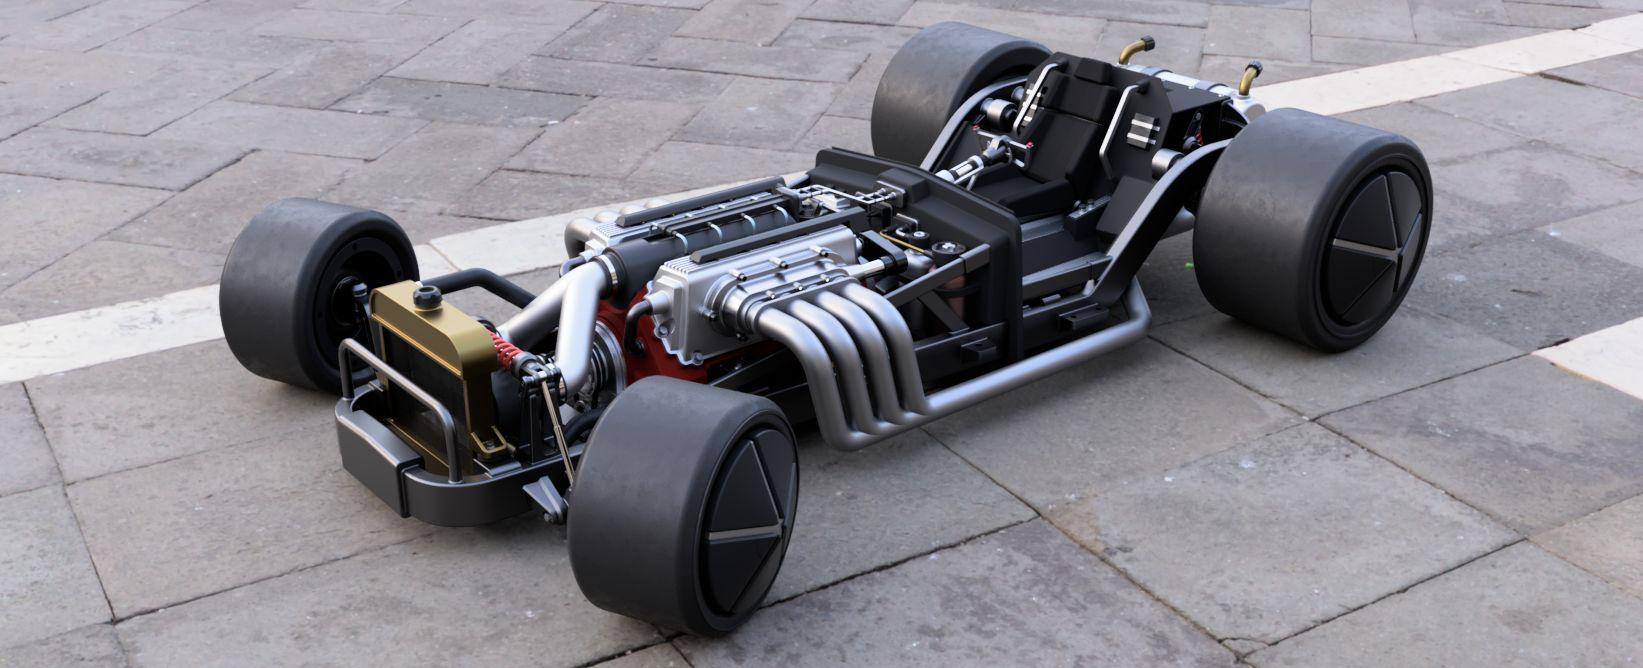 Long-batmobile-2019-nov-20-08-43-27pm-000-customizedview11863950152-3500-3500